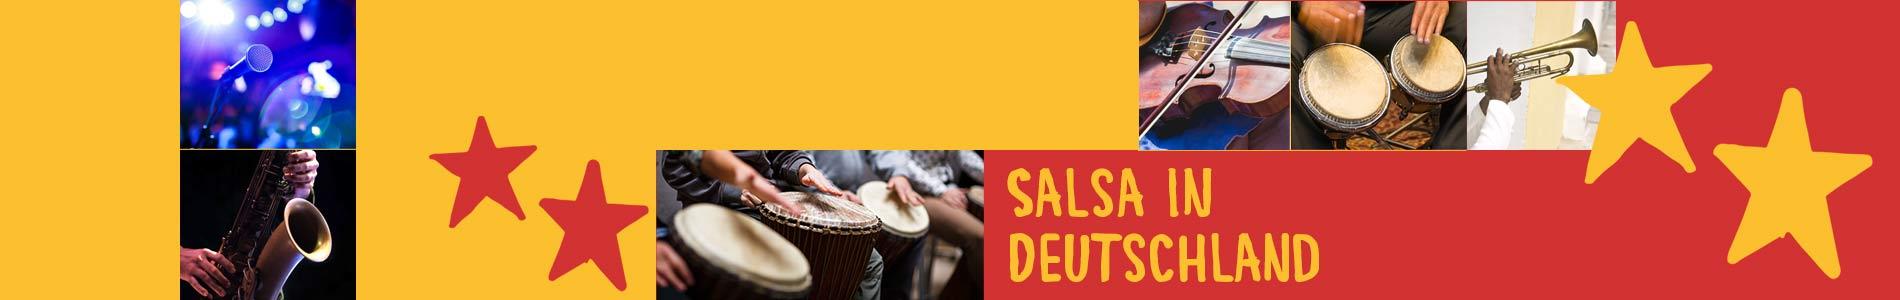 Salsa in Deutsch Evern – Salsa lernen und tanzen, Tanzkurse, Partys, Veranstaltungen